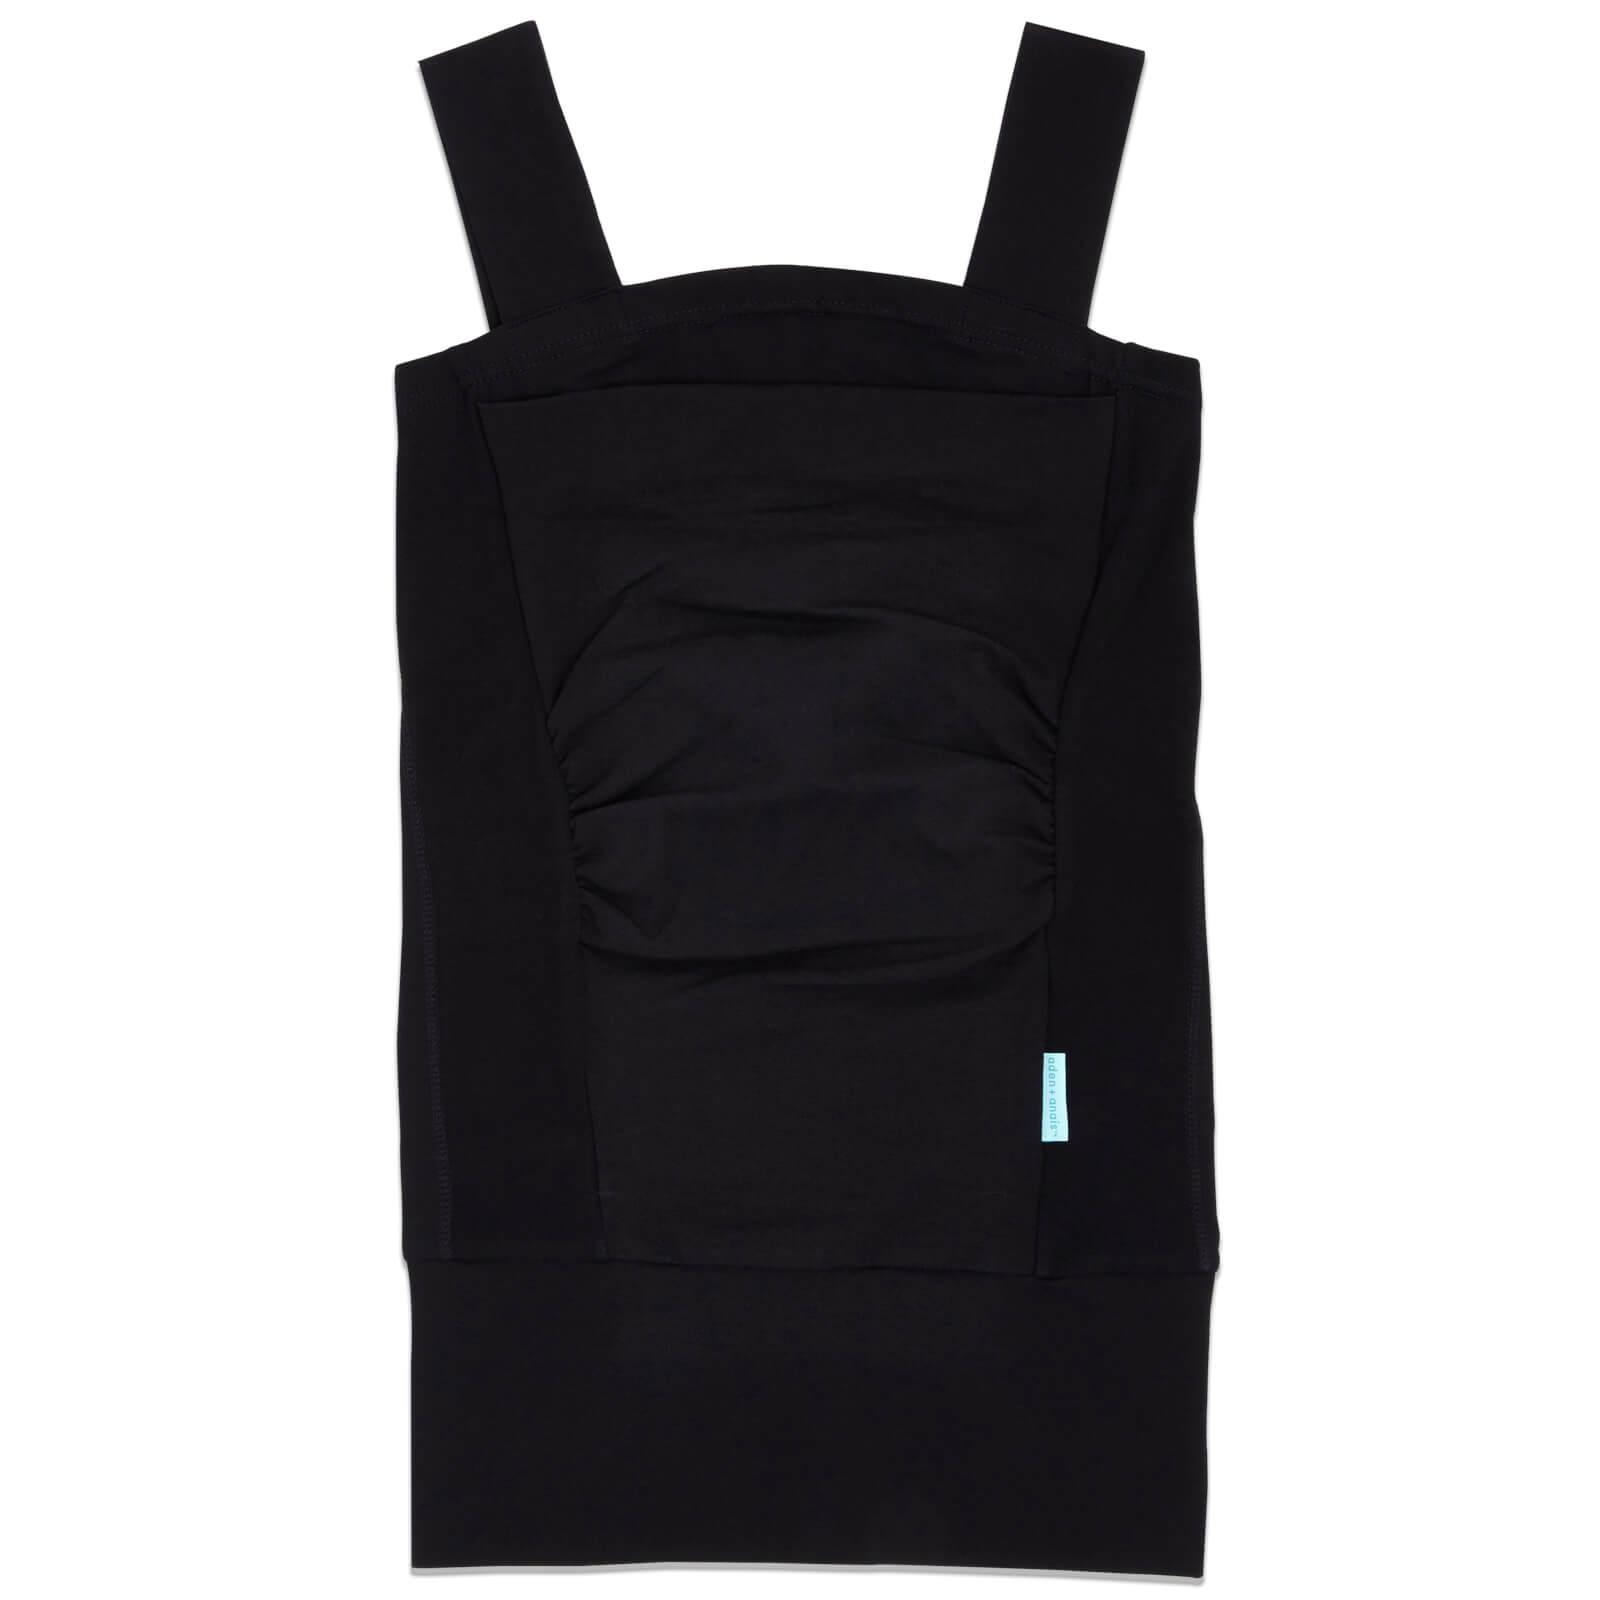 aden + anais Baby Bonding Top - Black - XL - Black